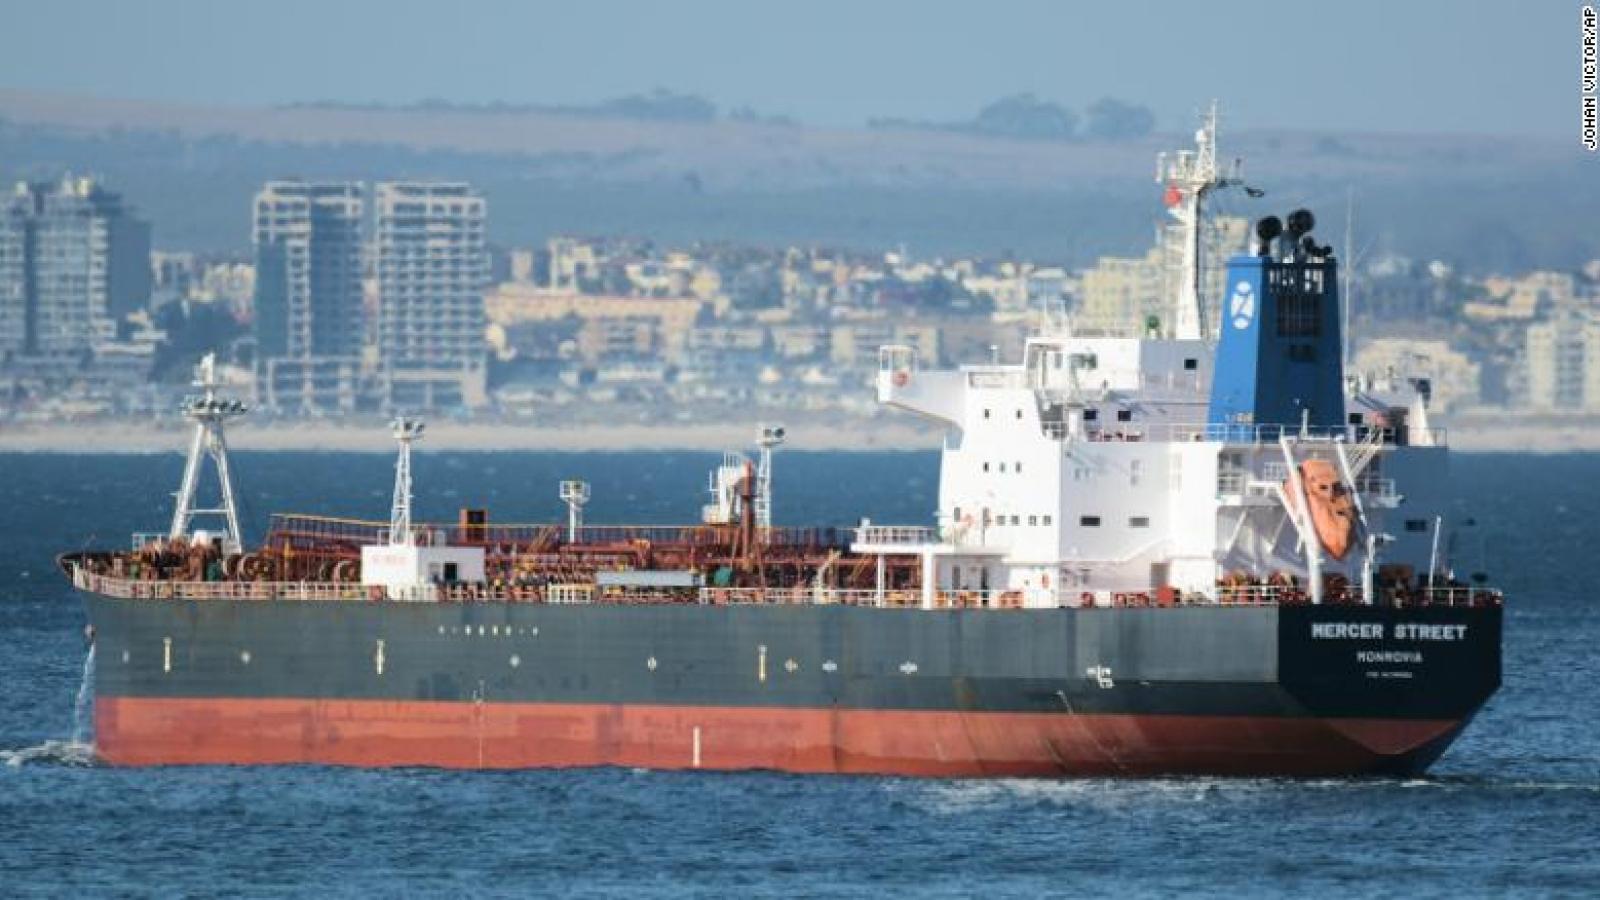 Vụ tấn công tàu chở dầu ở Biển Arab: Israel tuyên bố có bằng chứng kết tội Iran